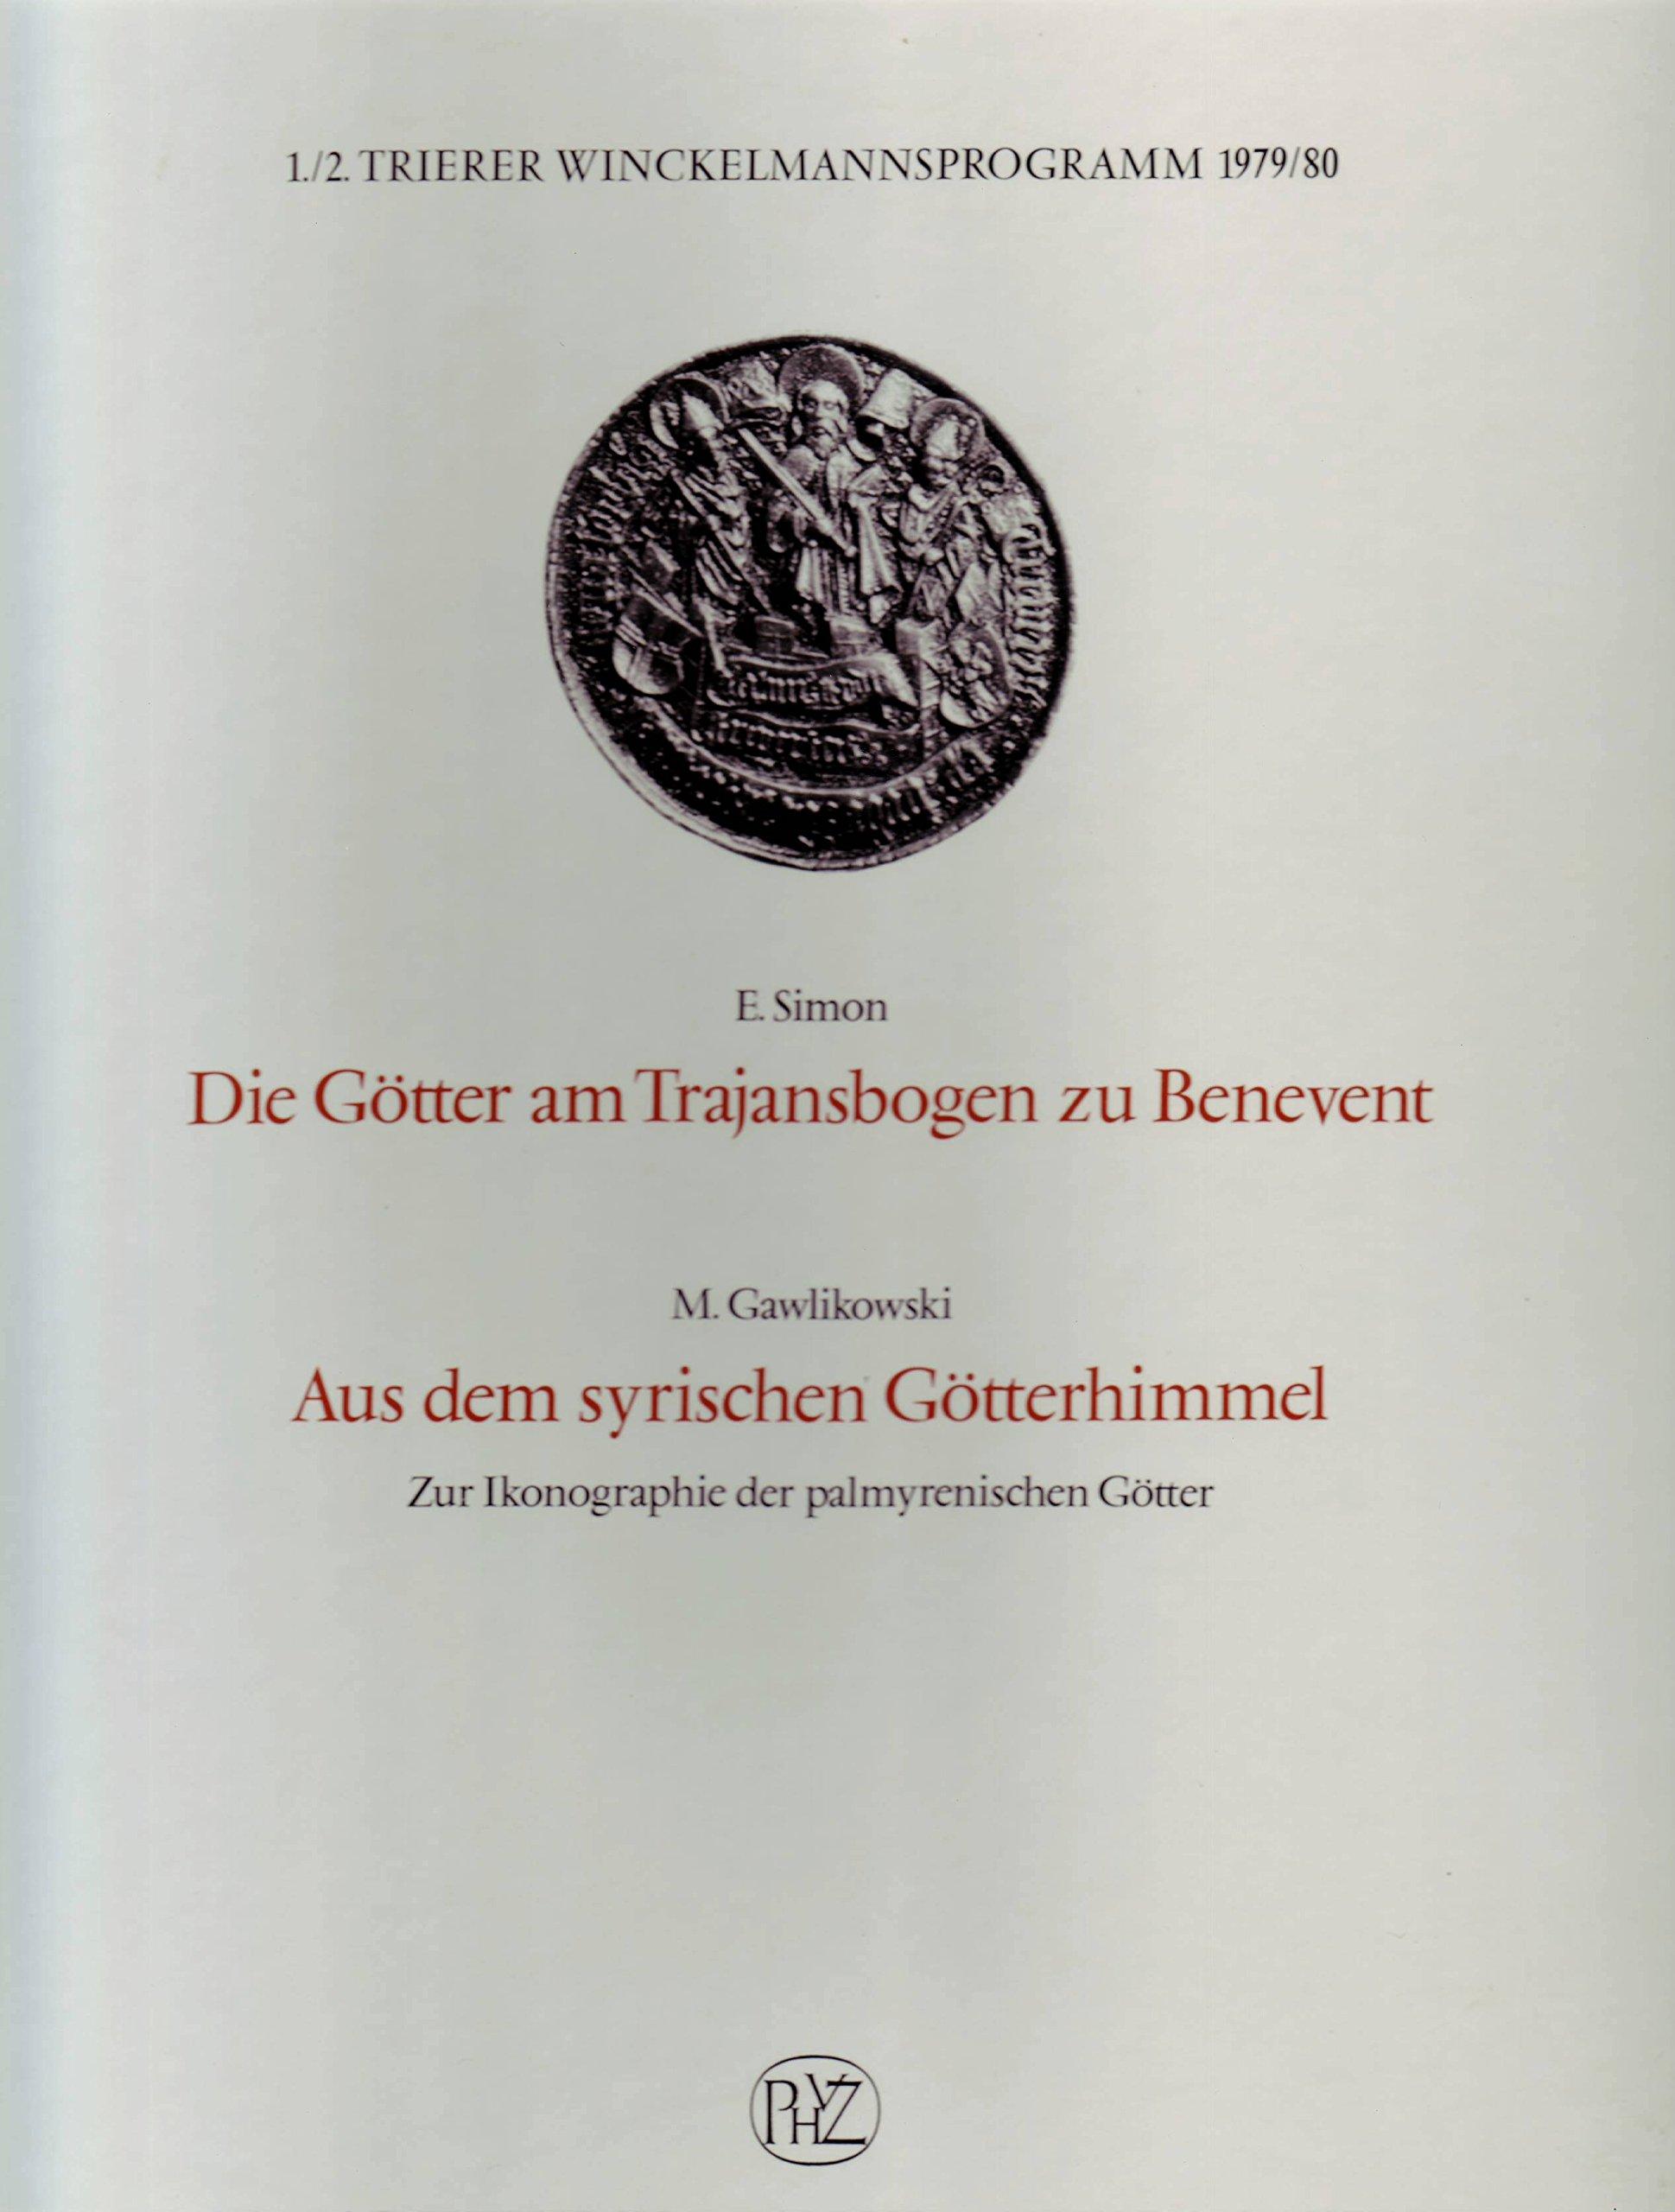 Die Götter am Trajansbogen zu Benevent. - Gawlikowski, Michal: Aus dem syrischen Götterhimmel: Zur Ikonographie der palmyrenischen Götter